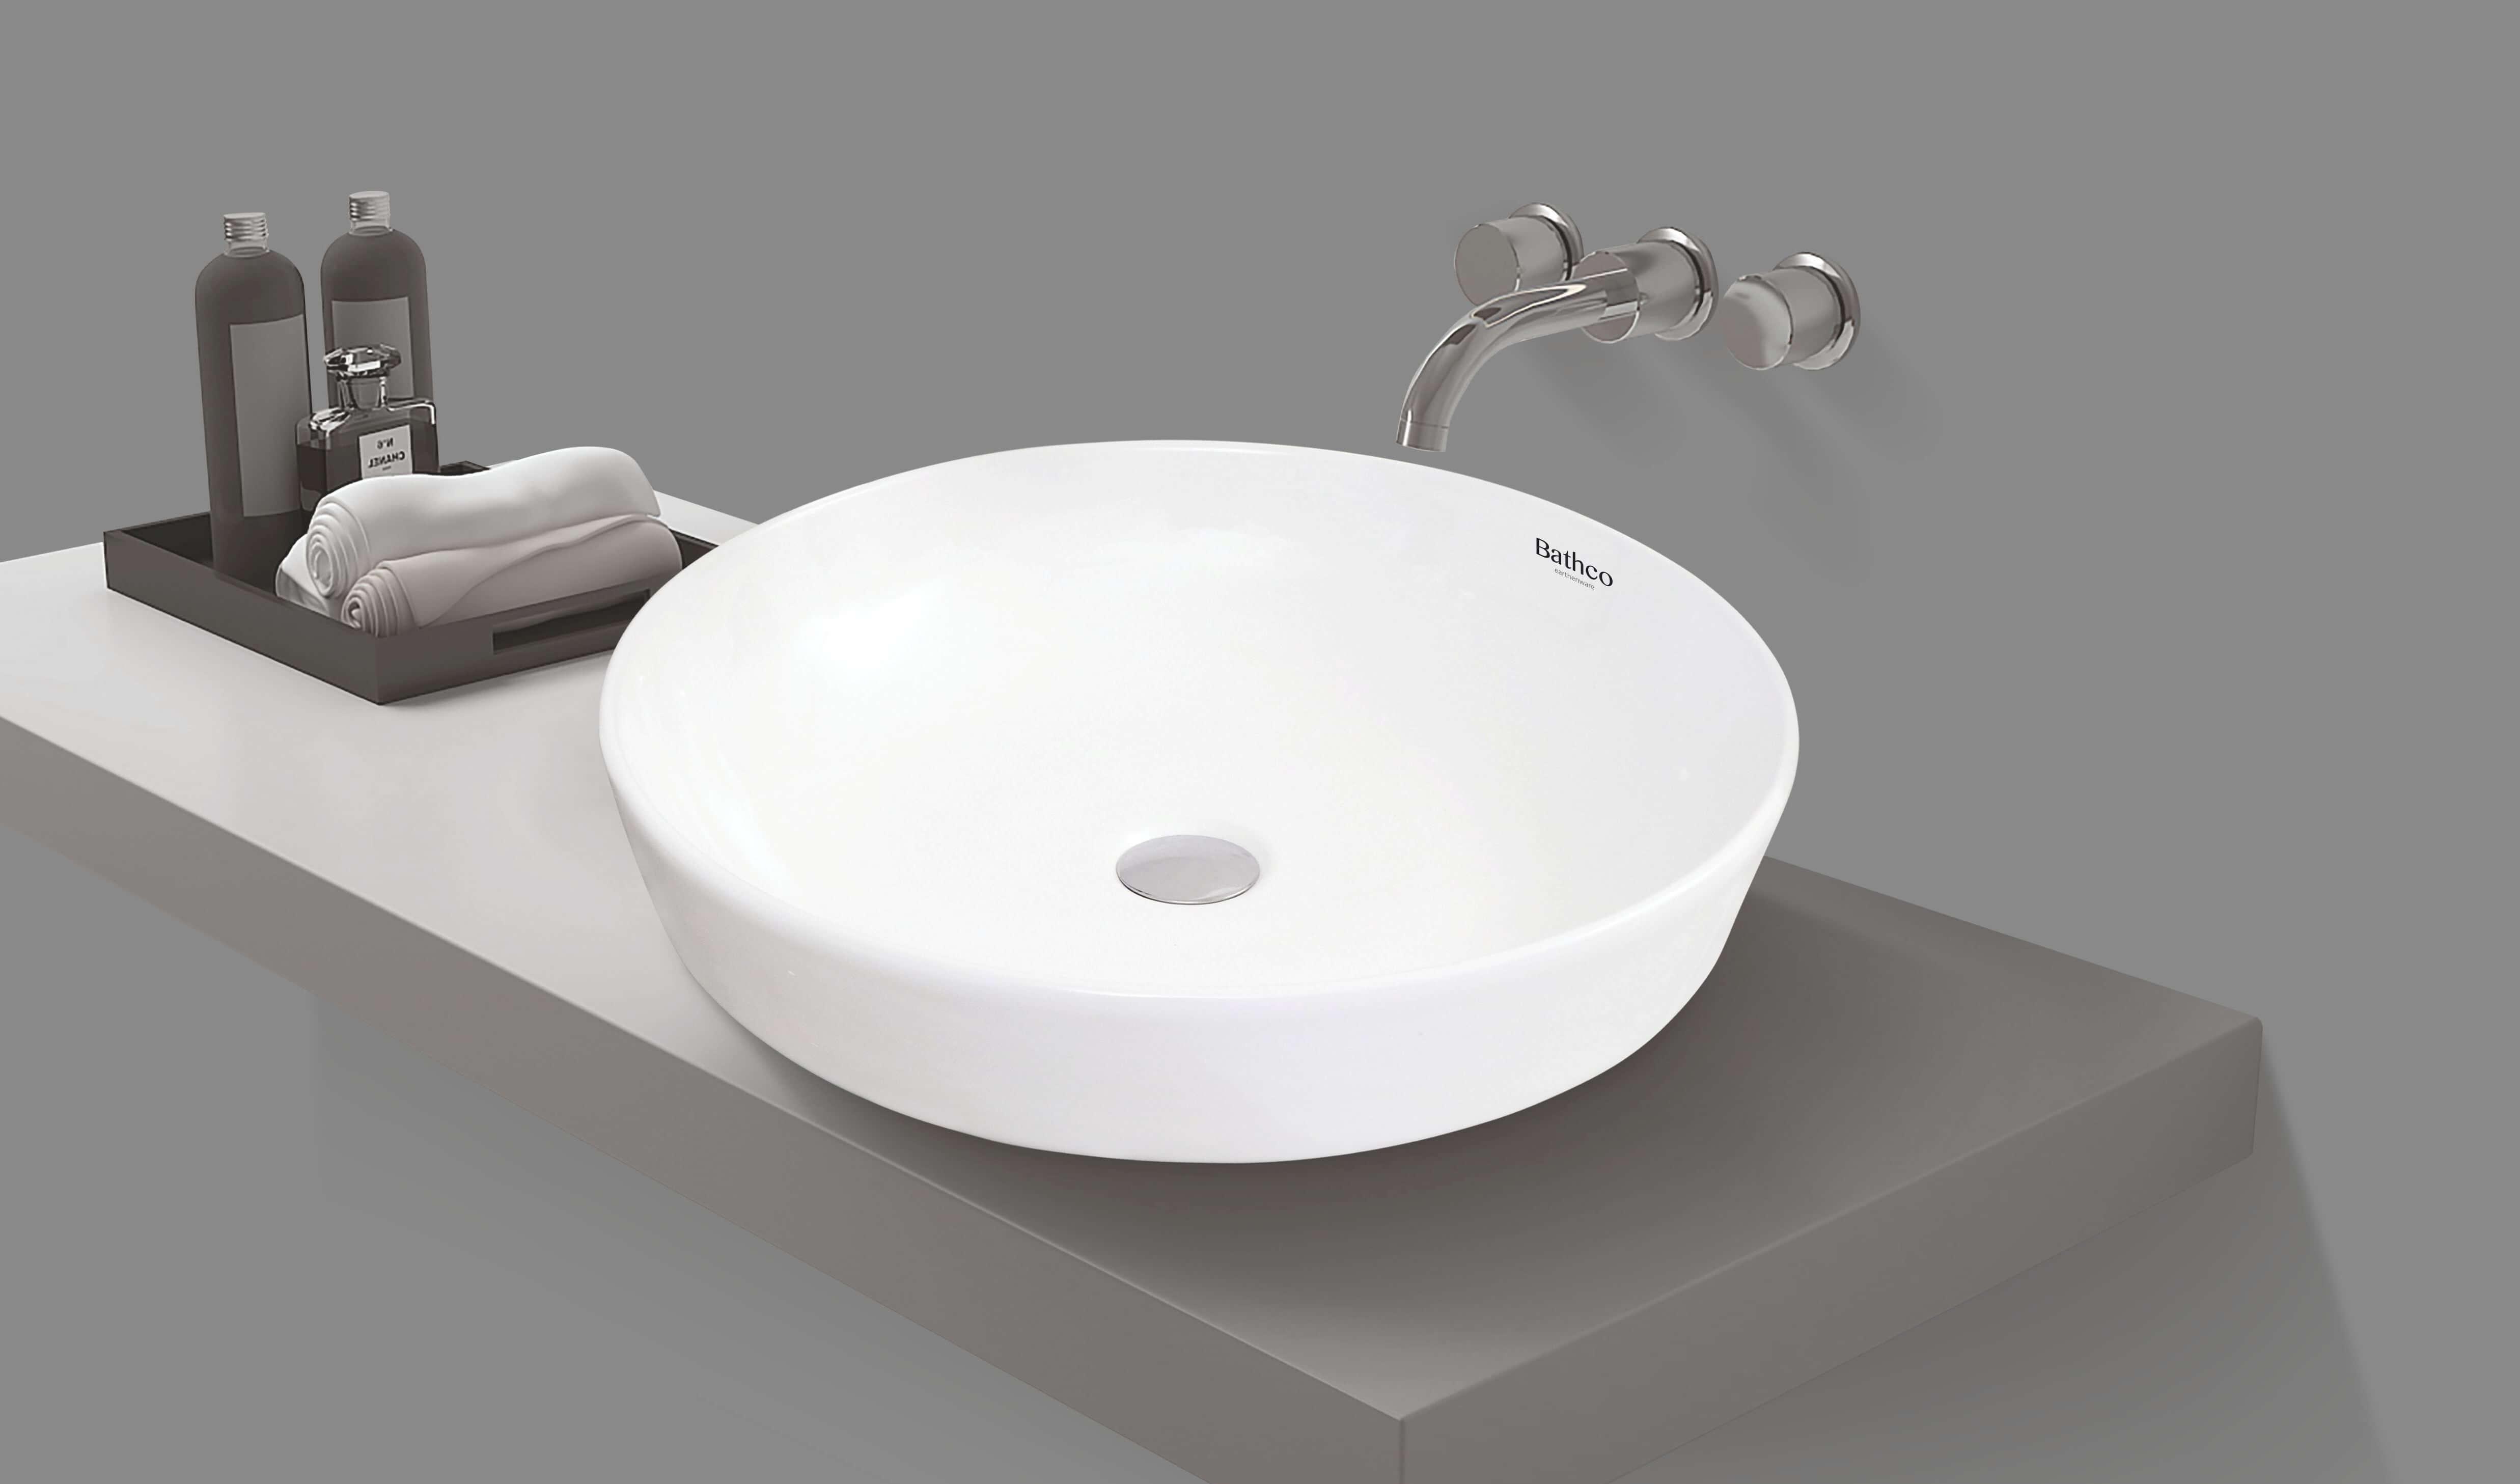 Bathco Washbasins